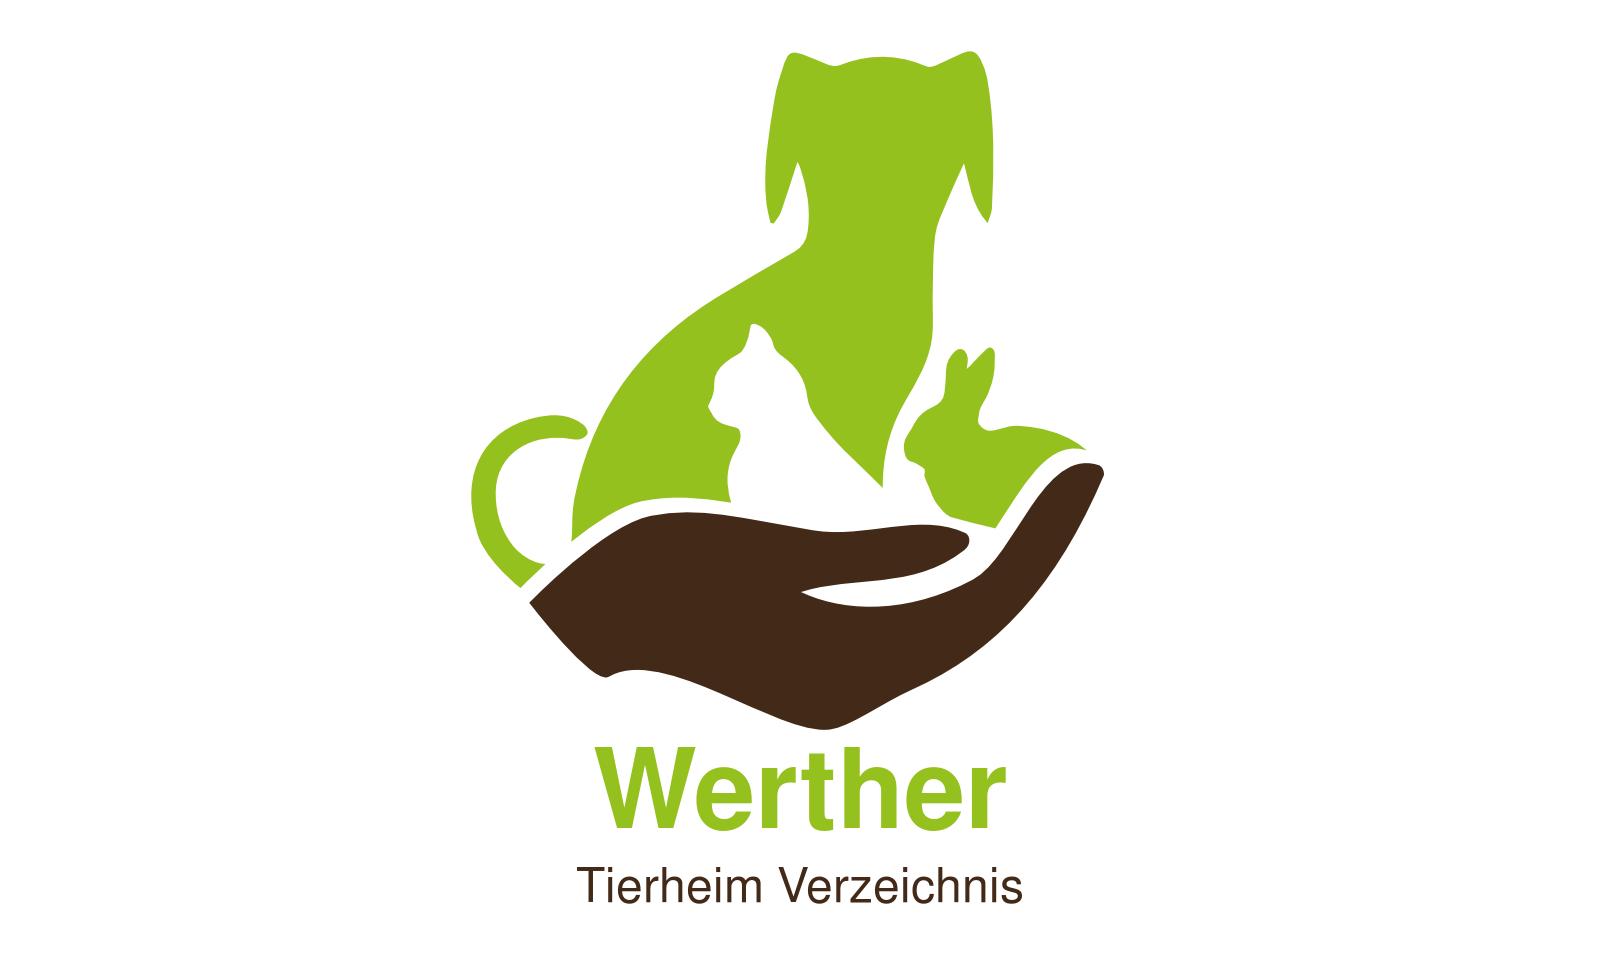 Tierheim Werther